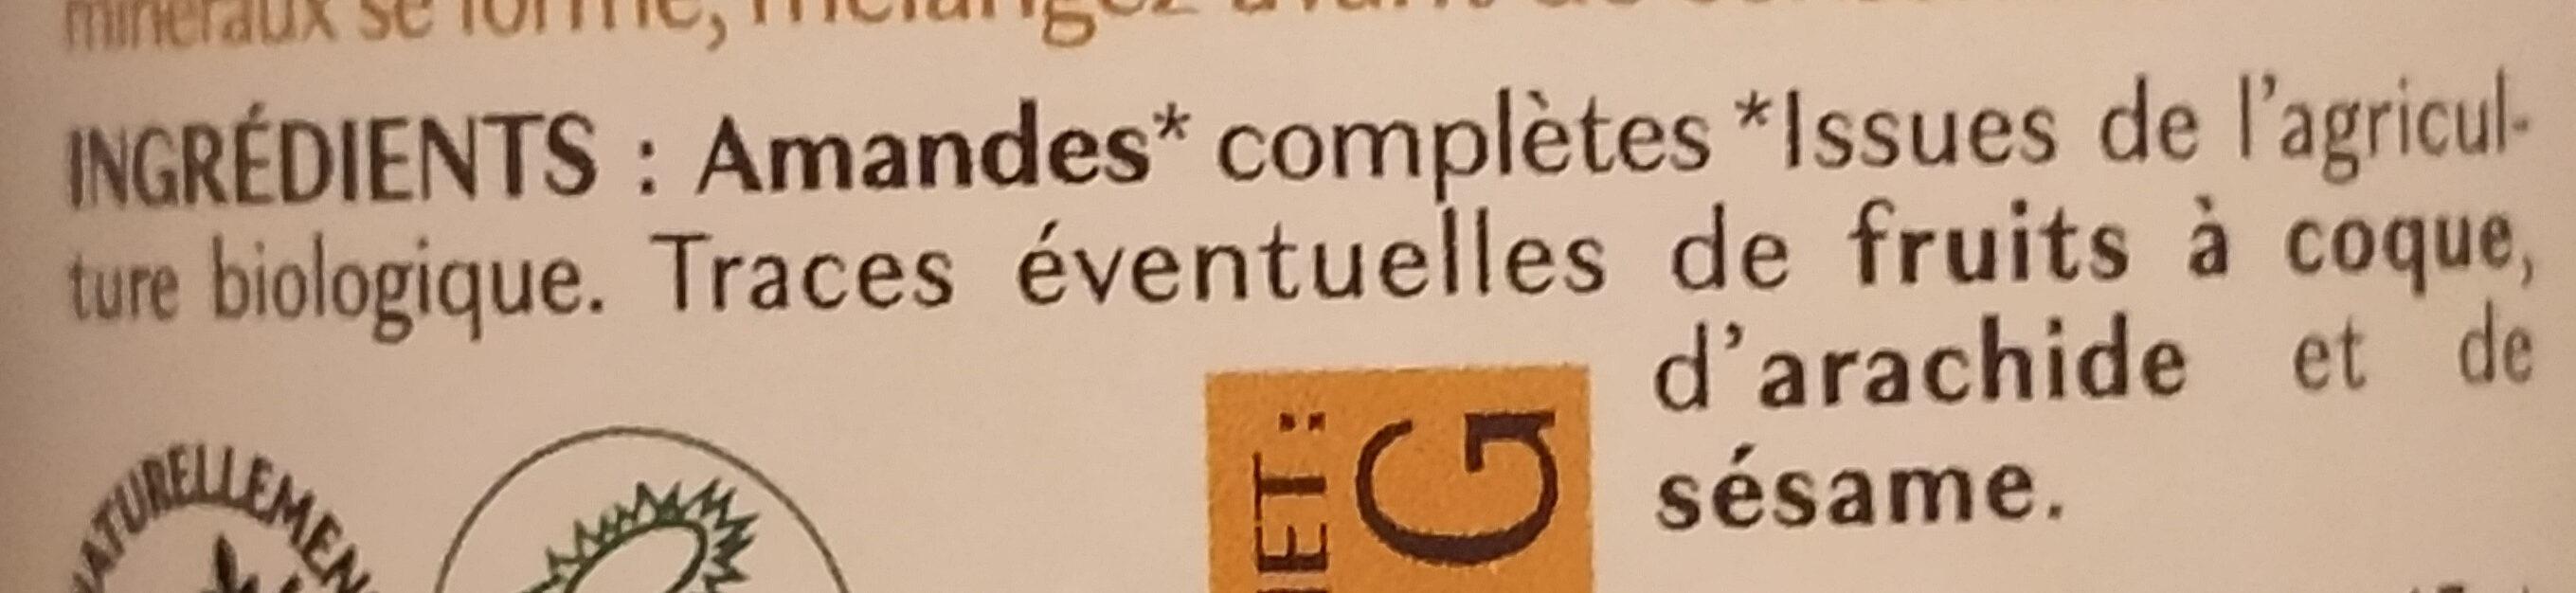 Purée d'amandes complète - Ingredienti - fr